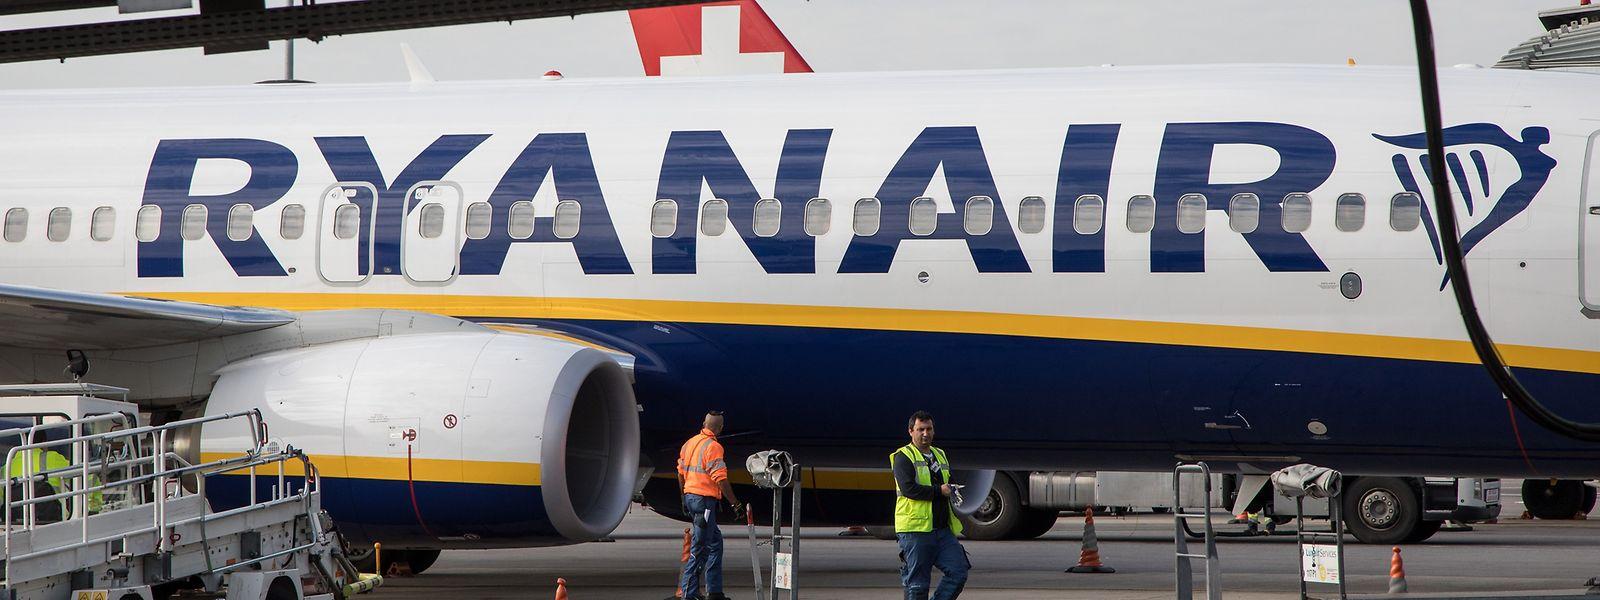 Die deutsche Gewerkschaft VC schließt sich den bereits für diesen Freitag angekündigten Streiks ihrer Ryanair-Kollegen in Irland, Schweden und Belgien an.